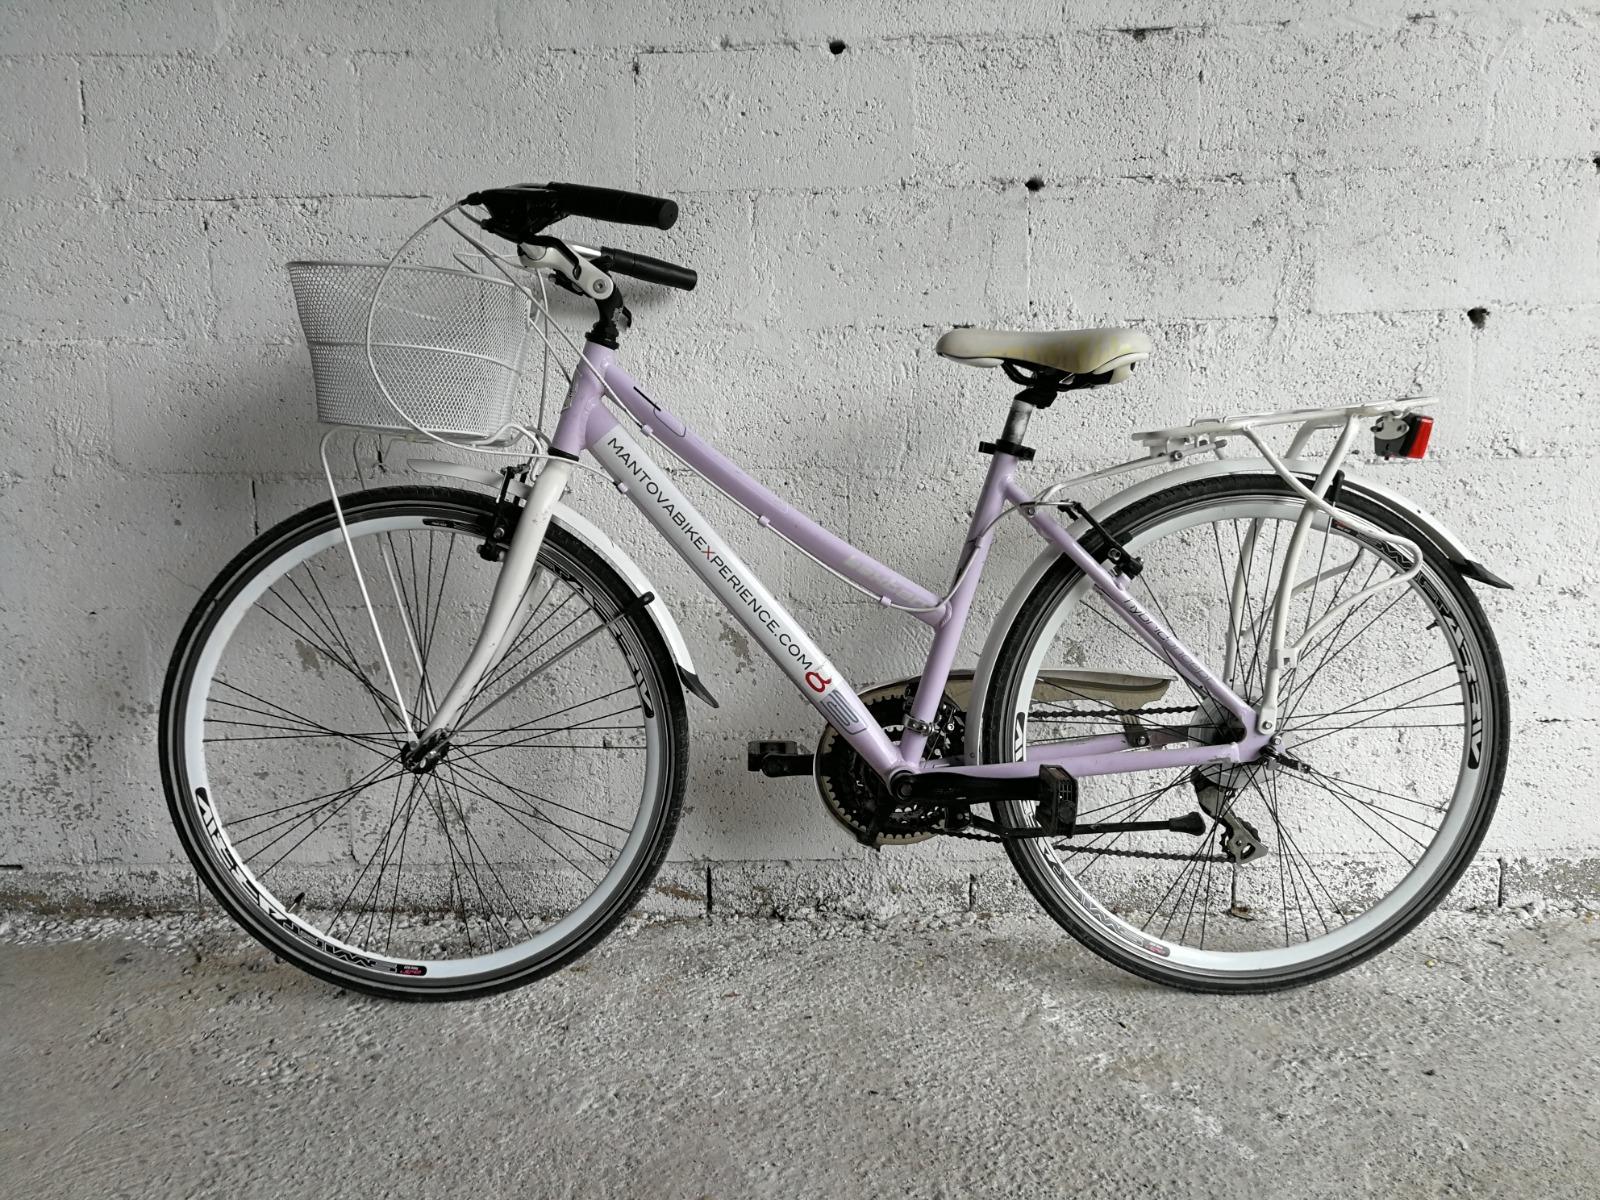 CITY BIKE CLASSICA - Noleggio bici Marengo